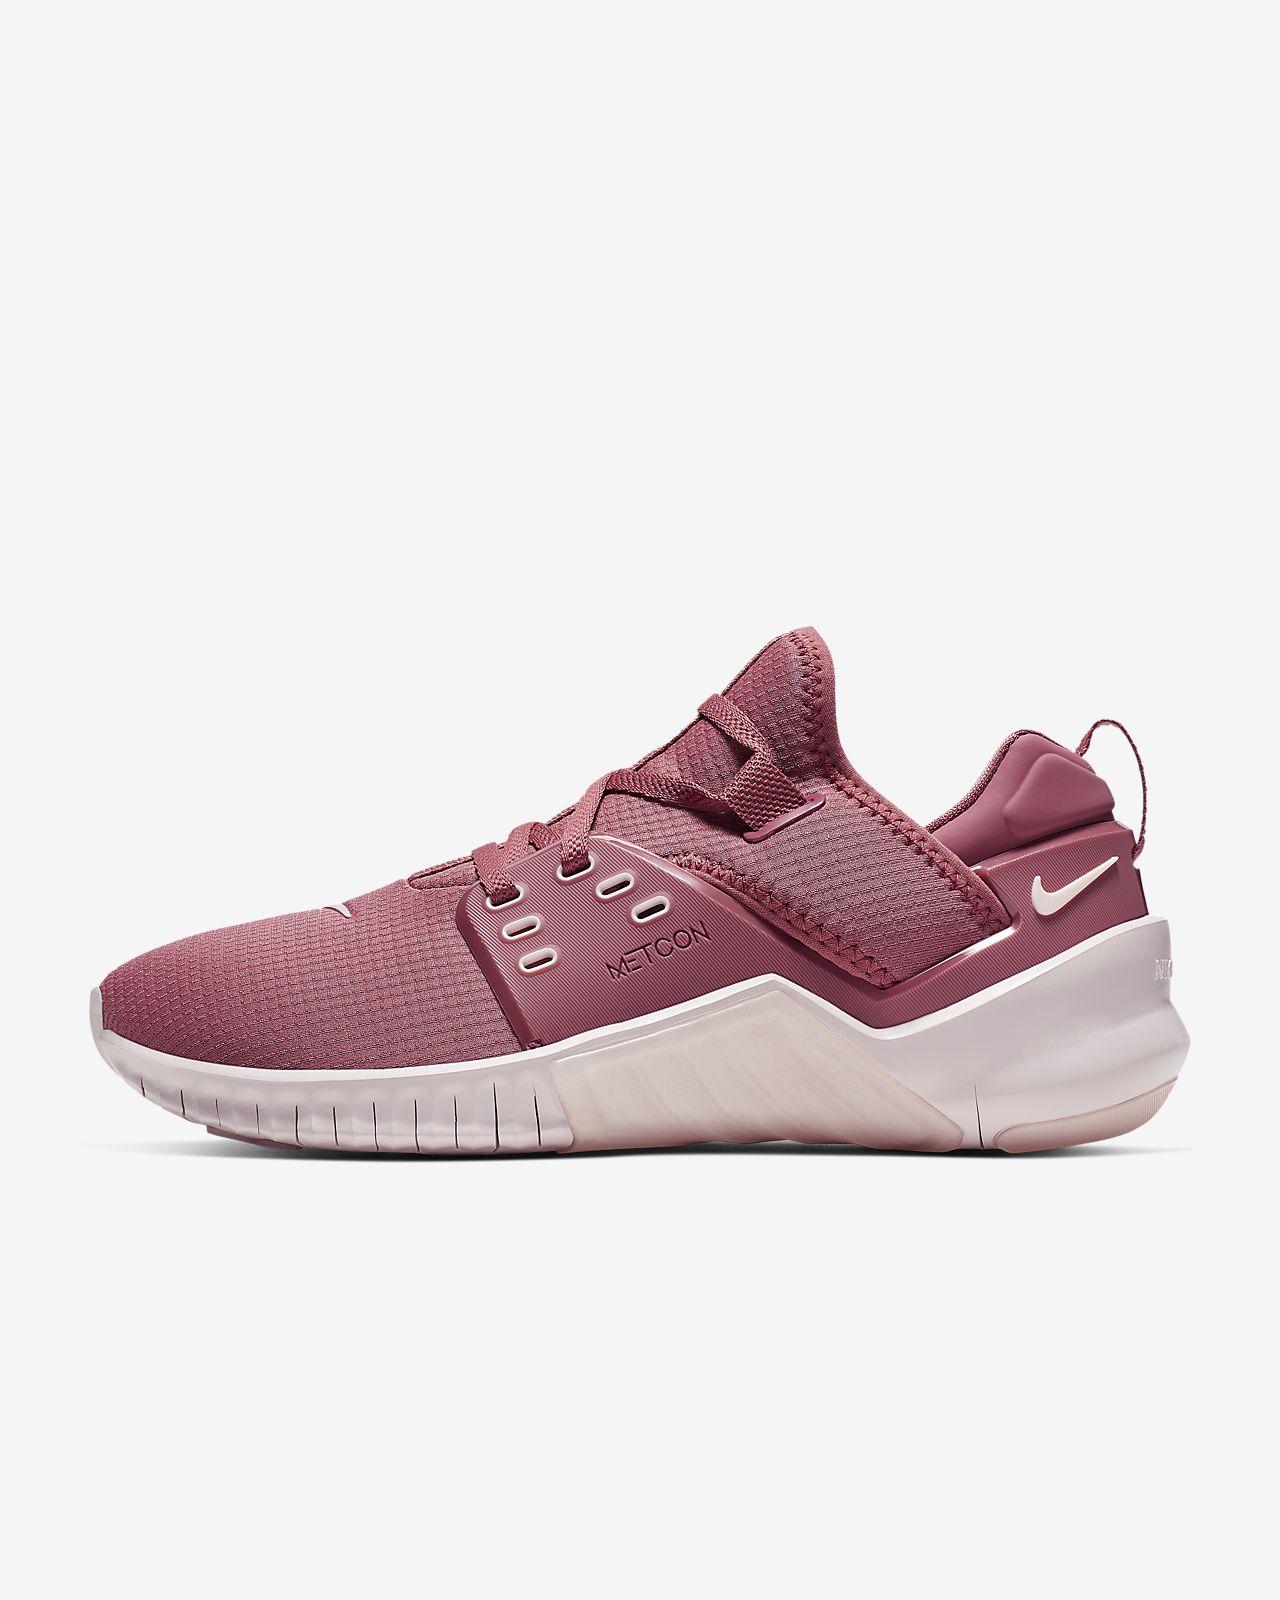 Träningssko Nike Free X Metcon 2 för kvinnor